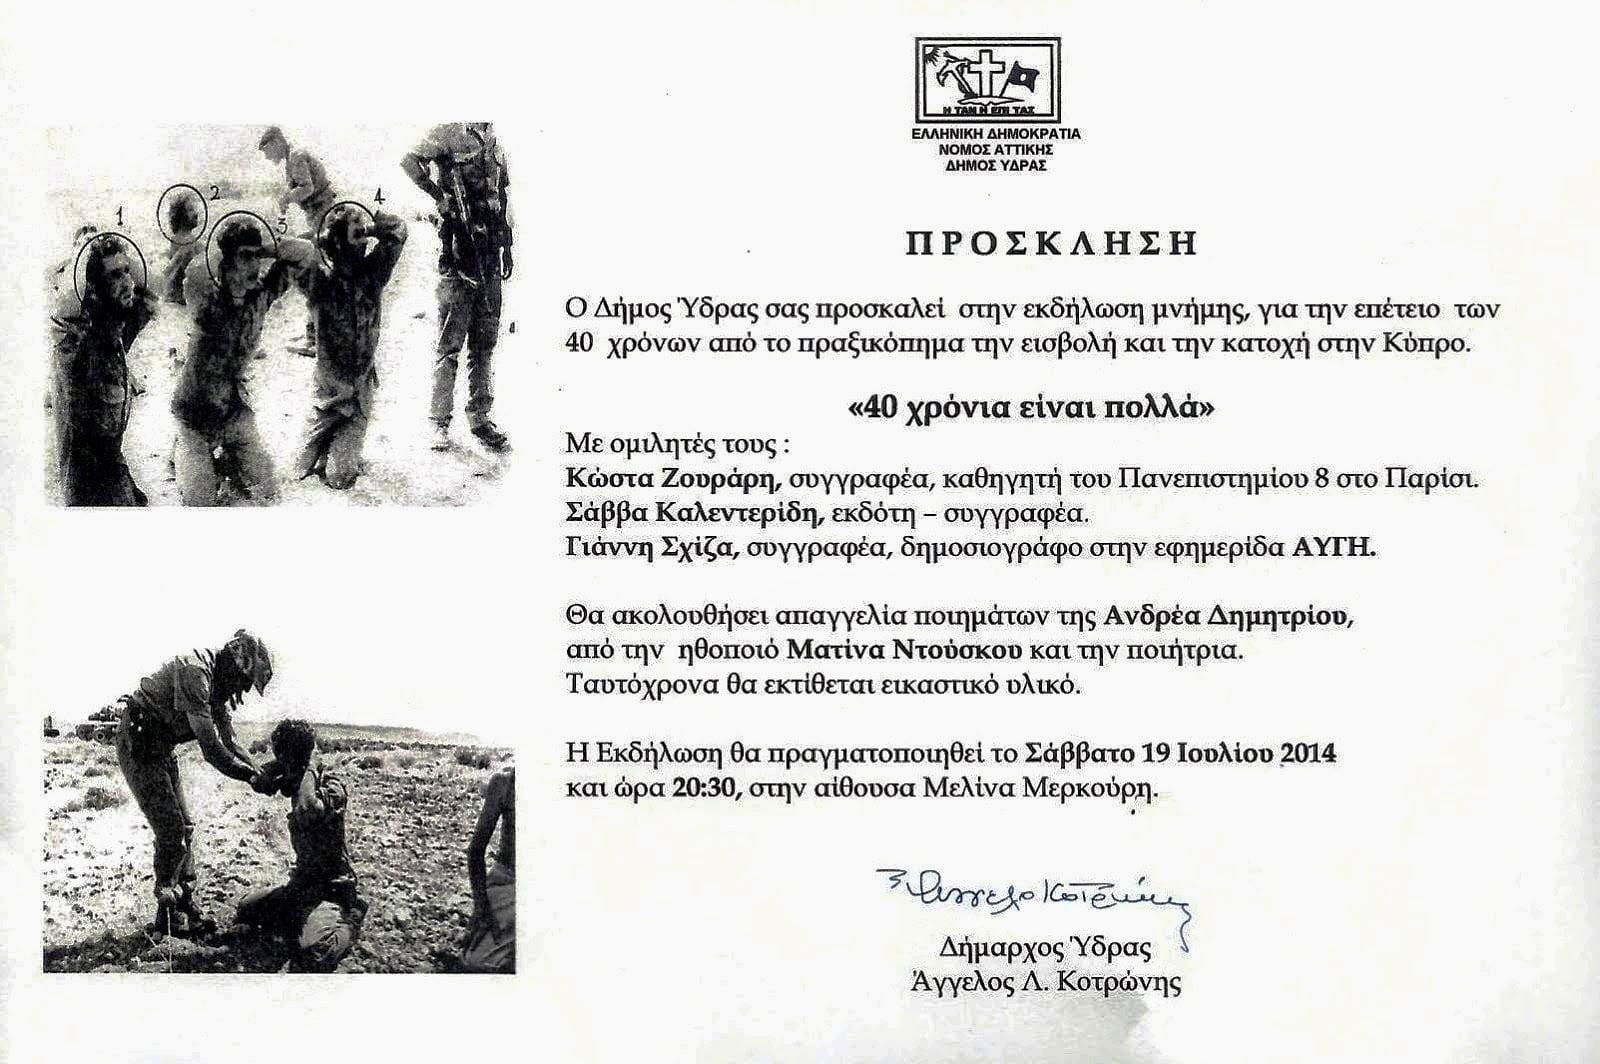 """Εκδήλωση στην Ύδρα για την Κατοχή της Κύπρου: """"40 χρόνια είναι πολλά"""""""